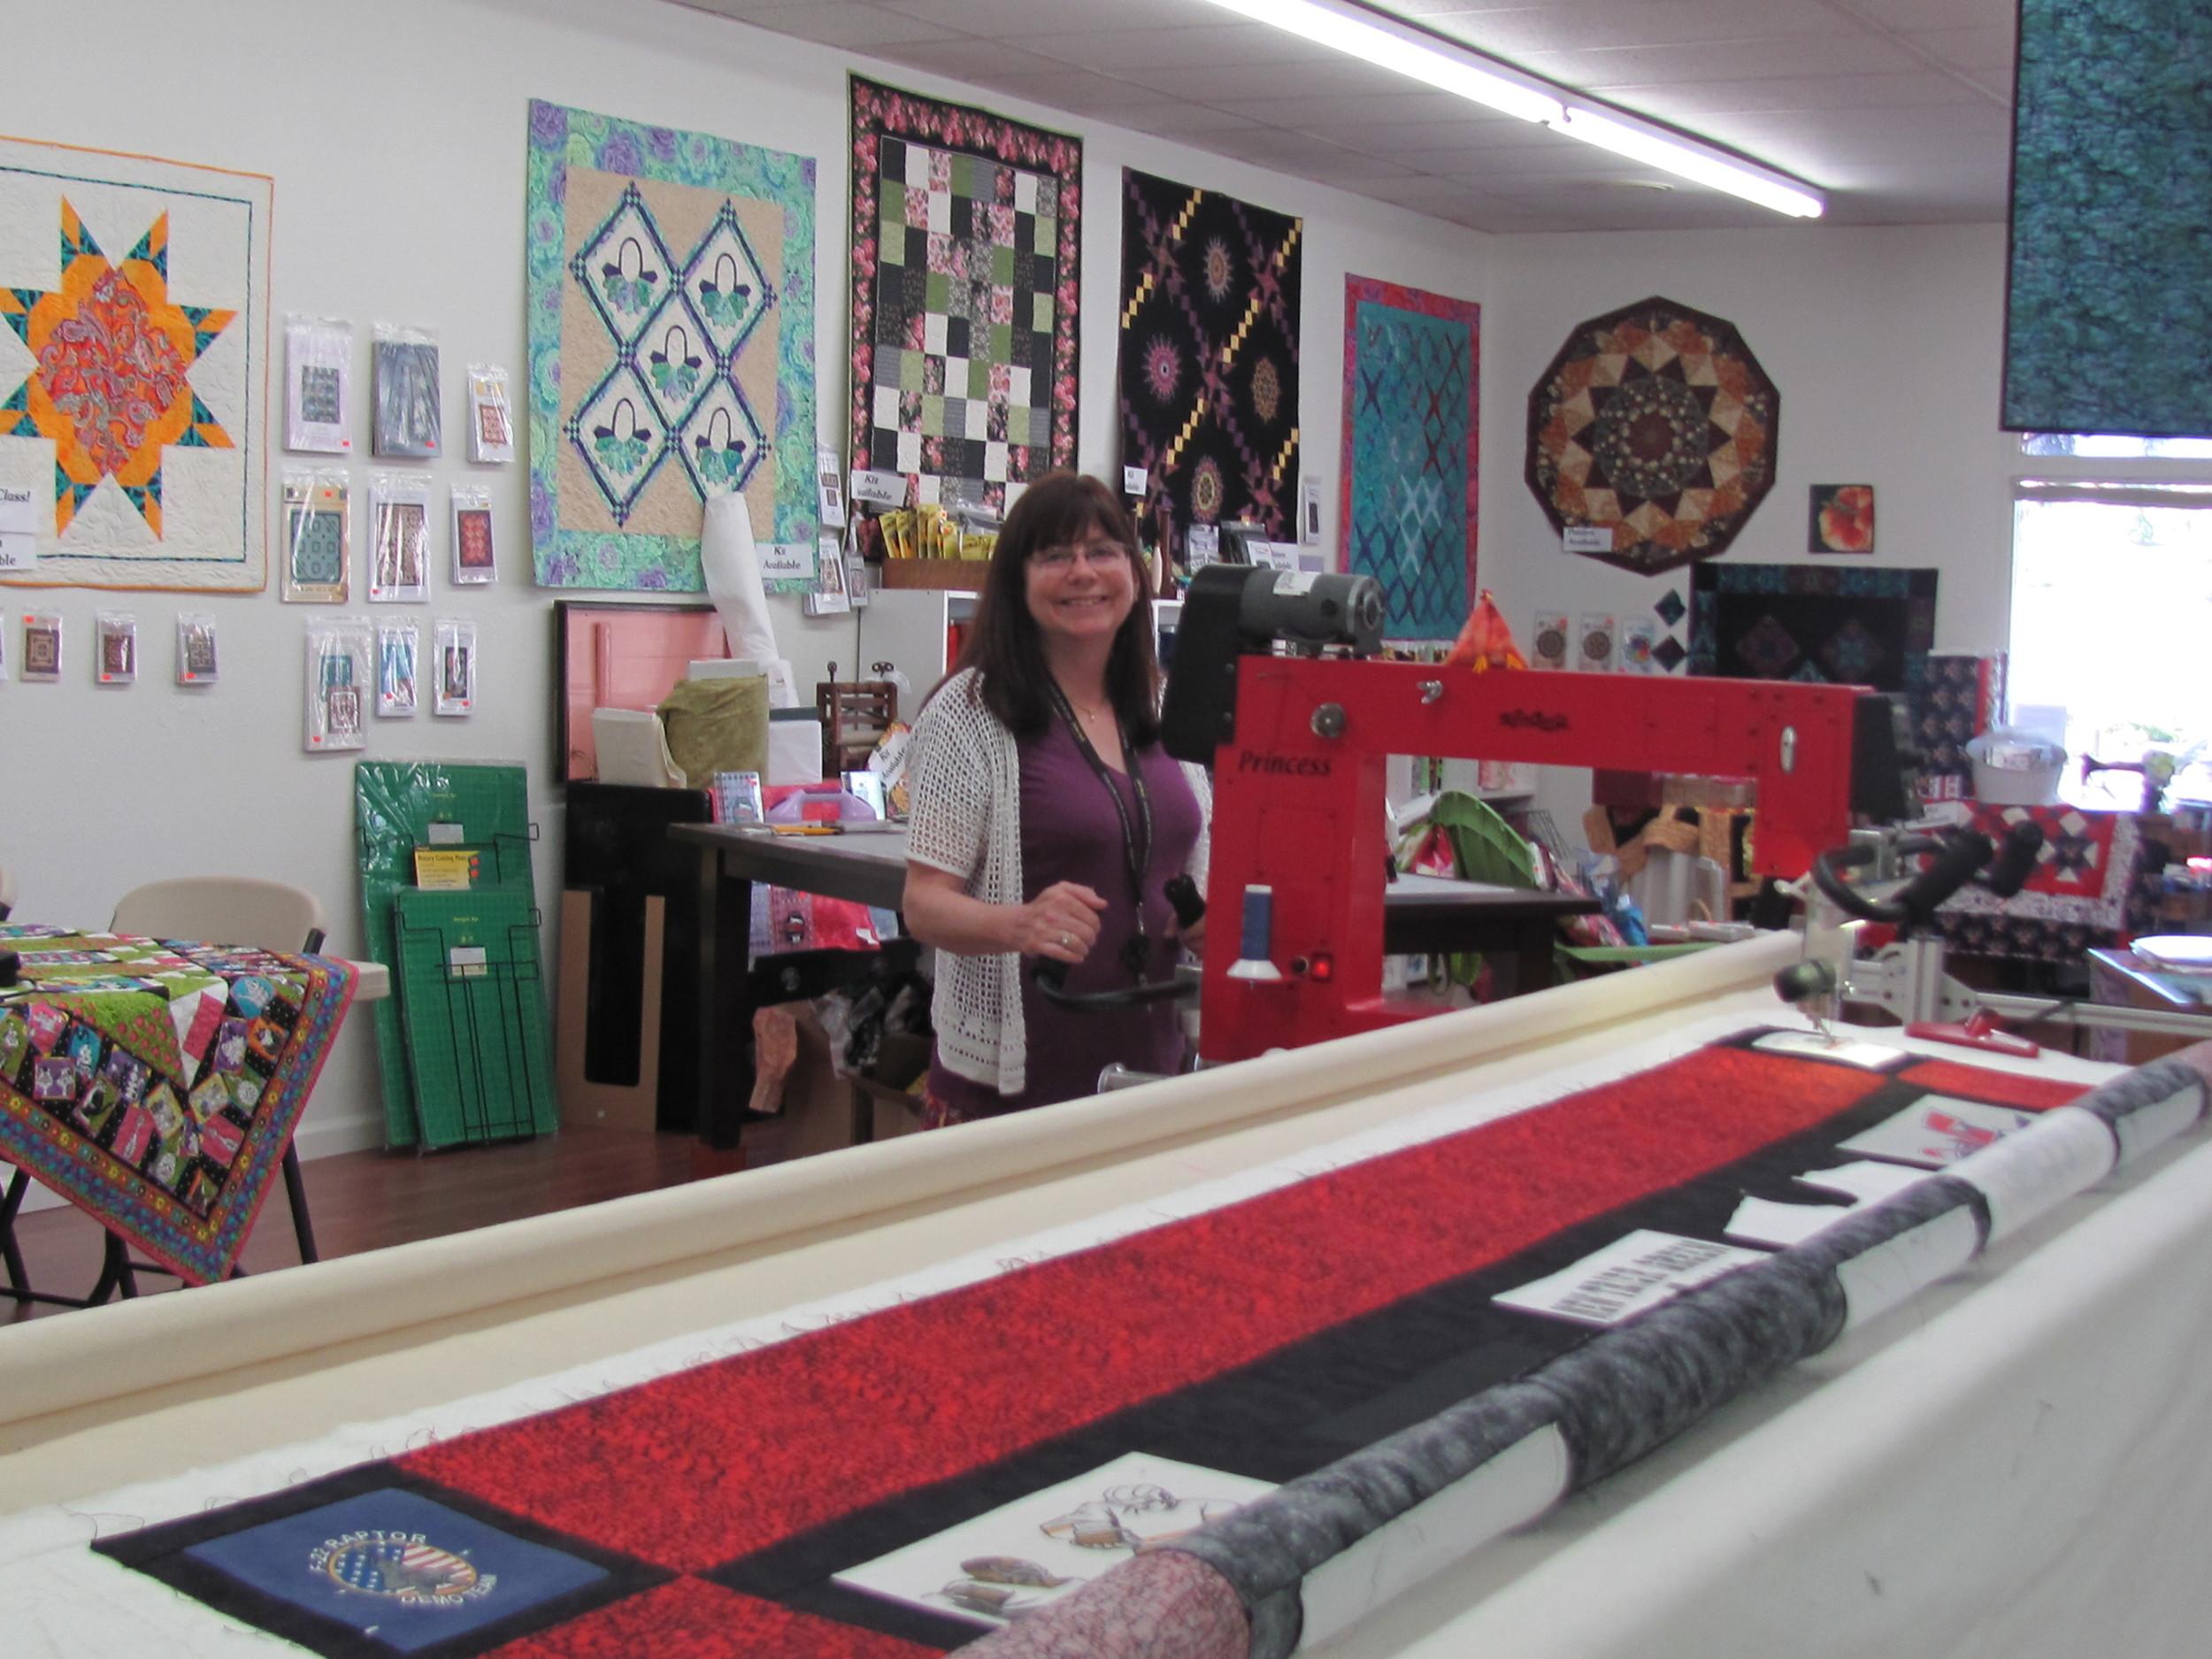 Award winning, long arm quilting expert, Roz Heller